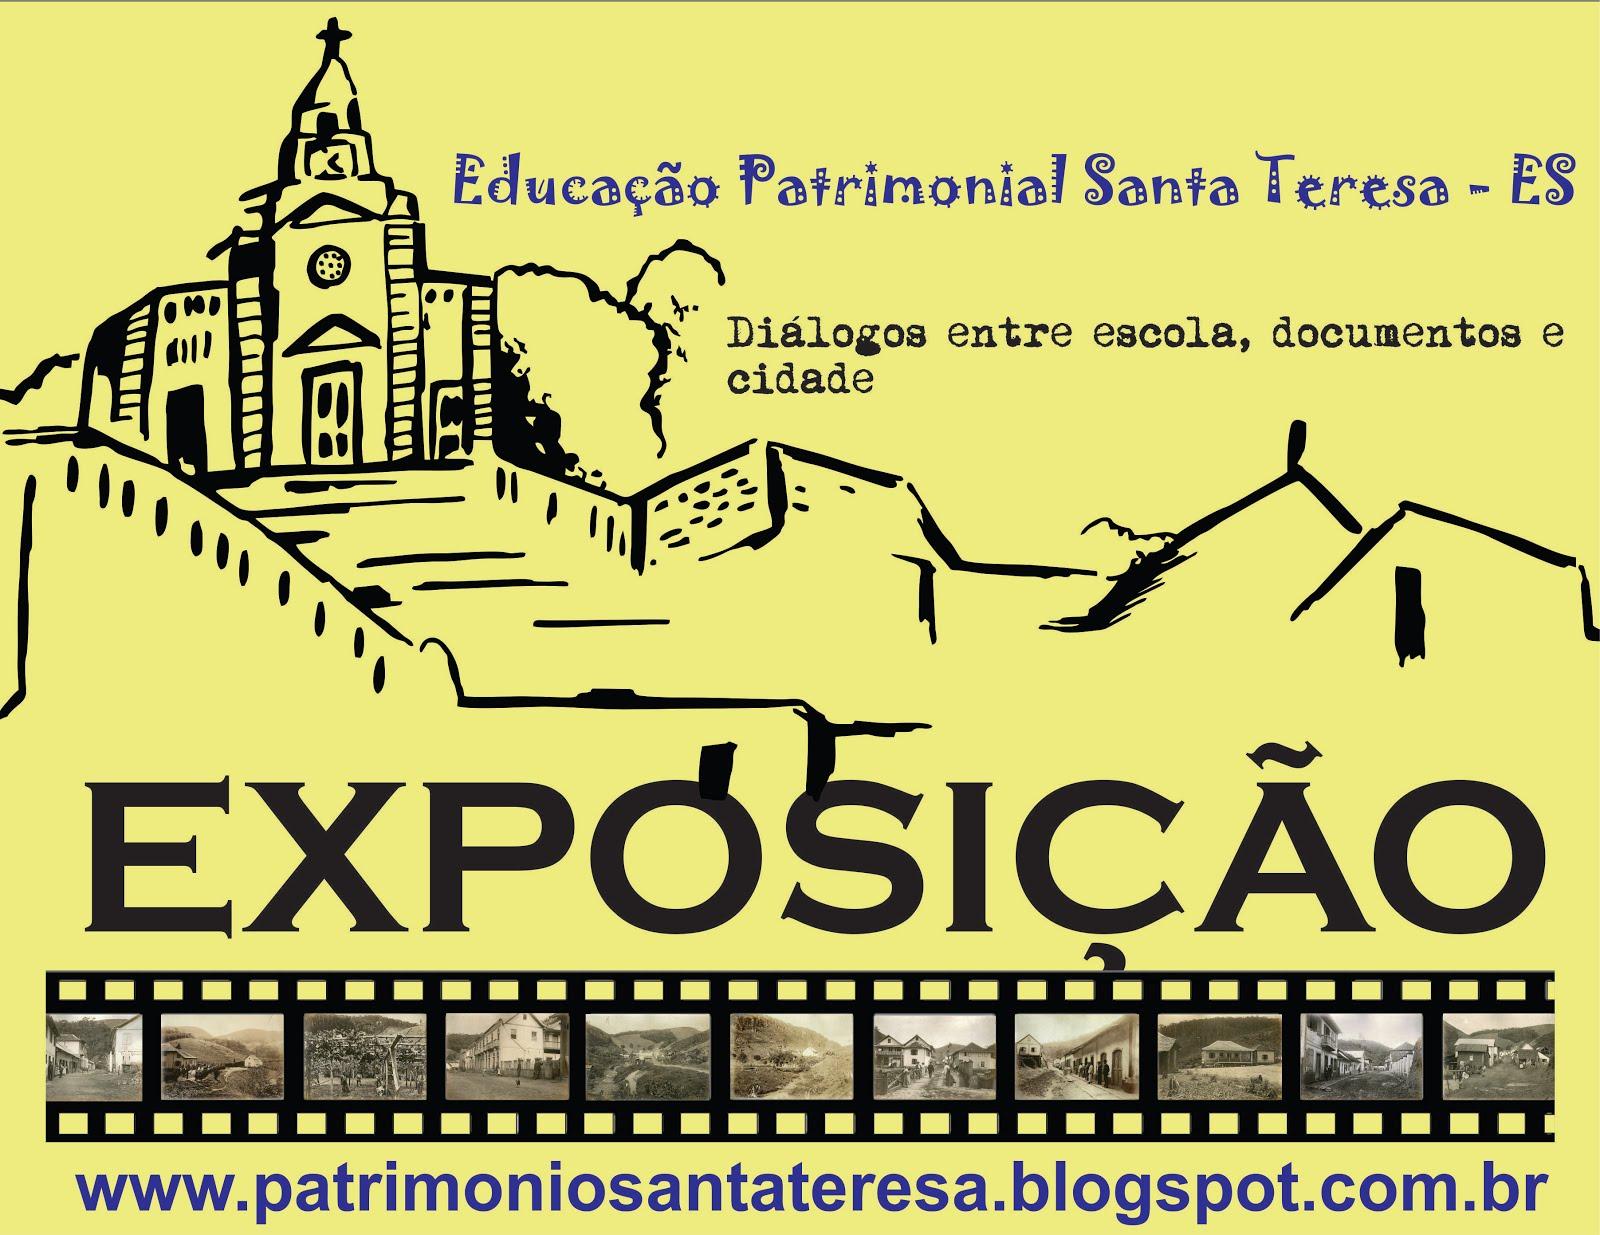 Exposição Educação Patrimonial Santa Teresa